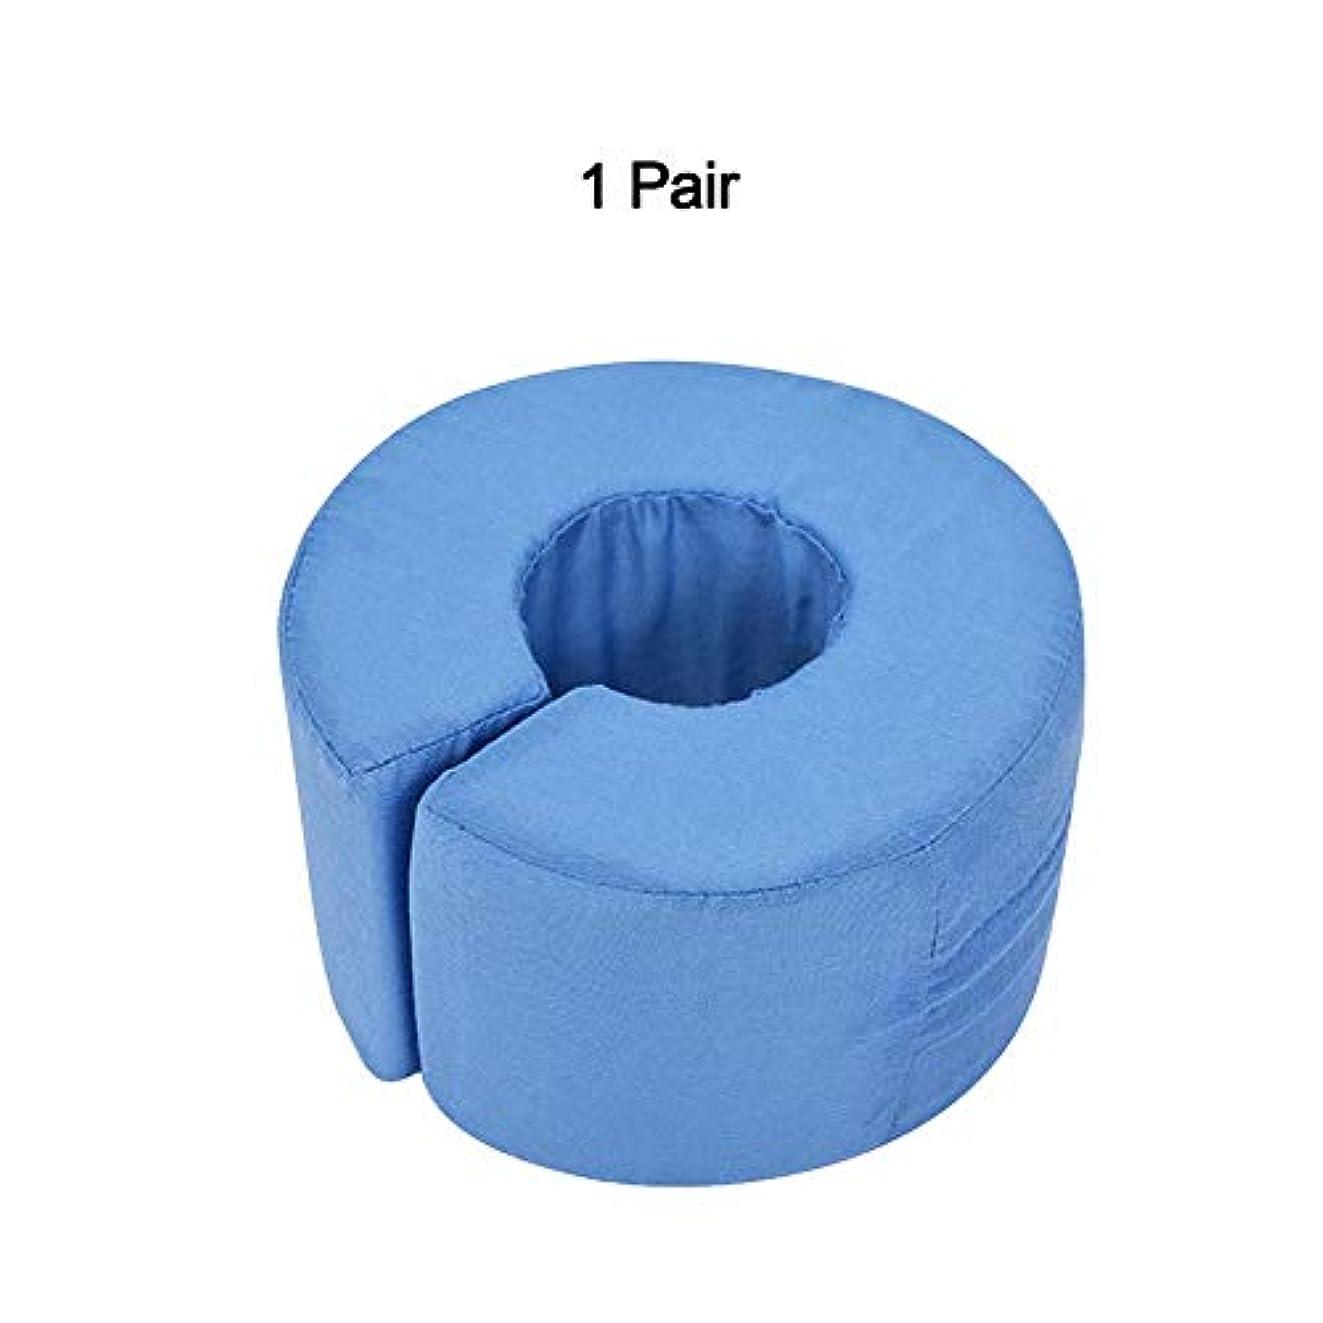 何もない四半期正確に軽量フットハンドフォームエレベータークッション、足首関節休息サポート枕、足の圧力を和らげる、1ペア,Blue